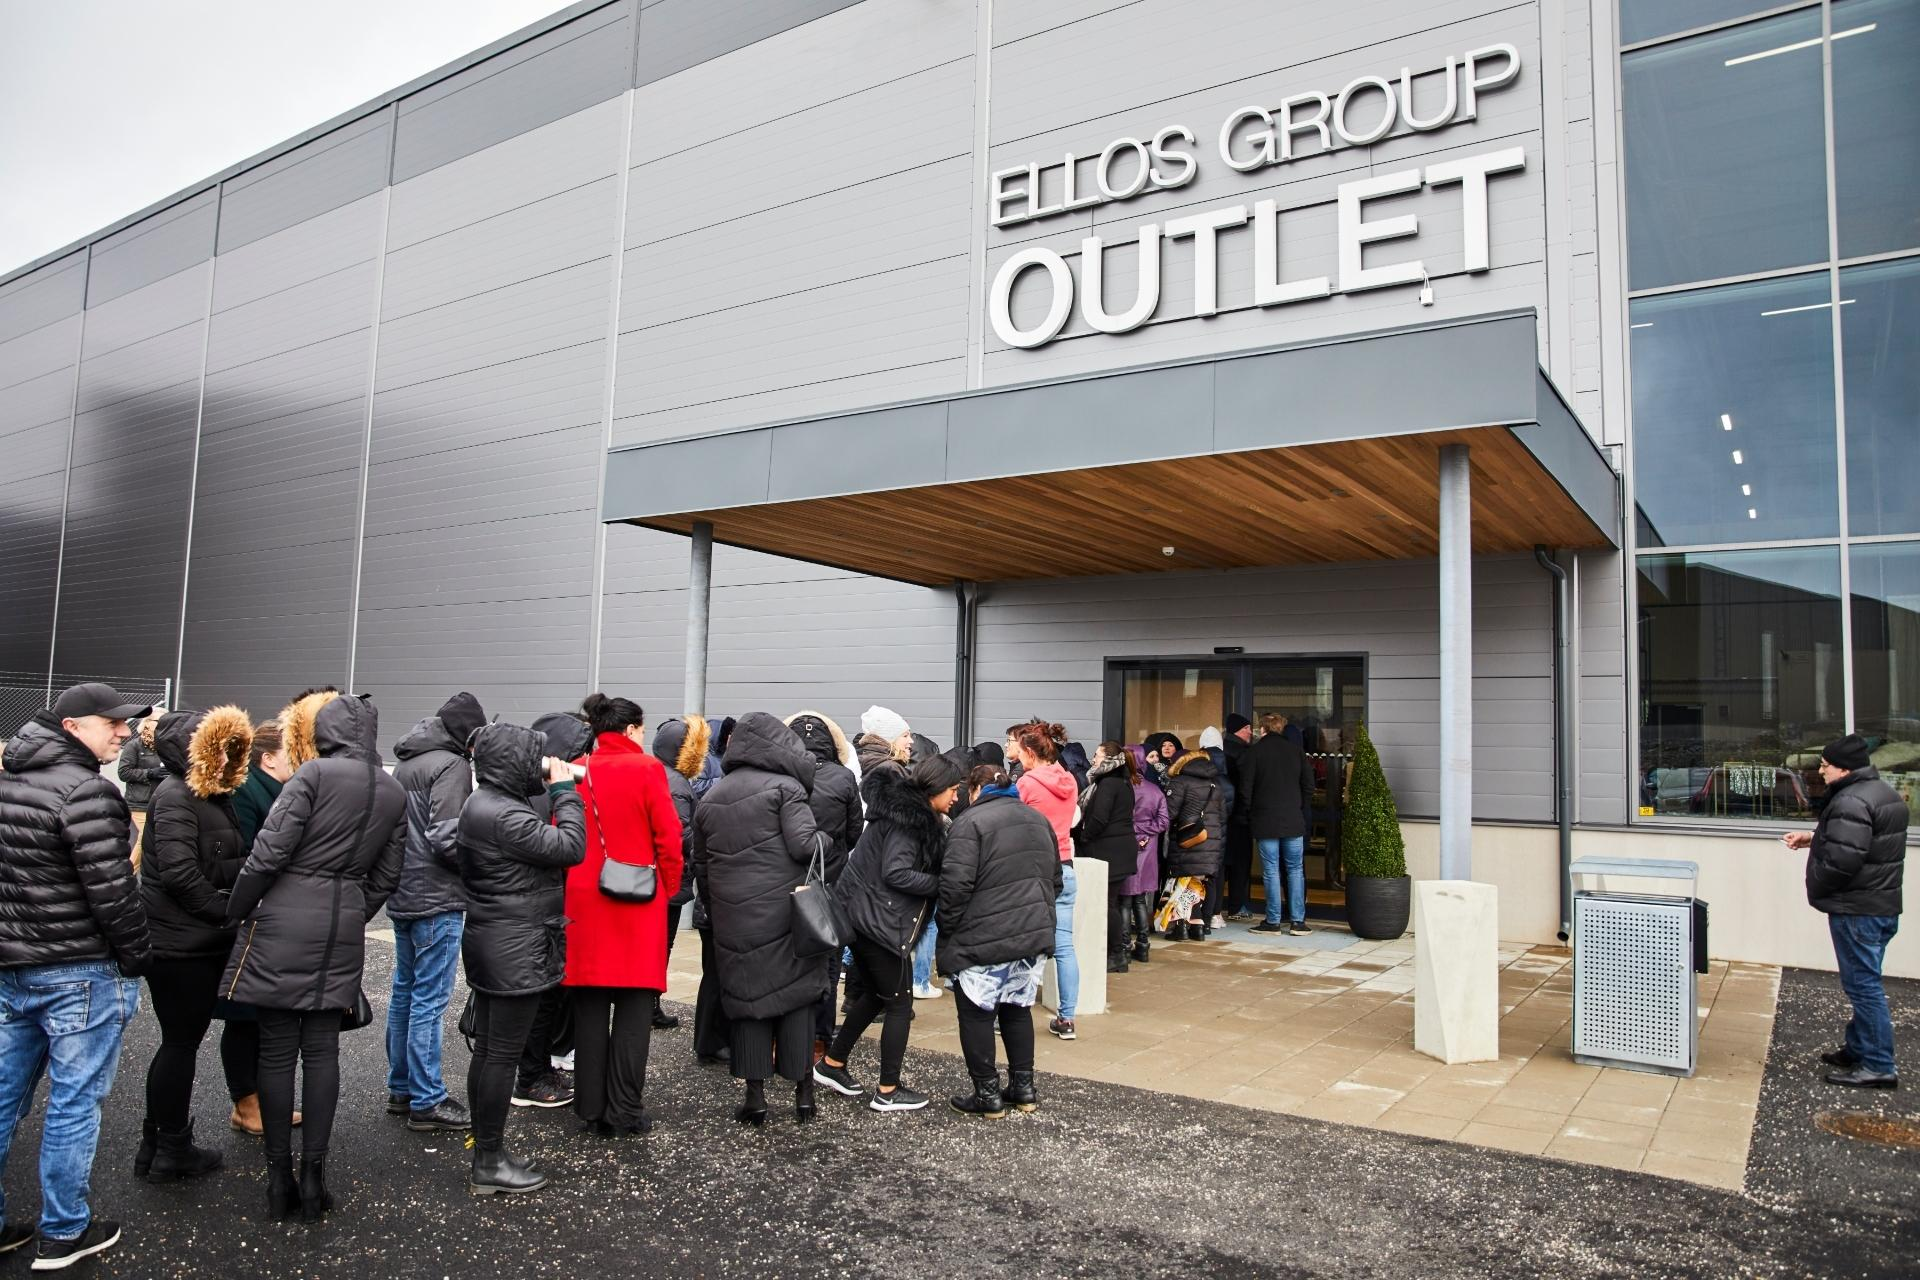 Ellos öppnar outletbutik i Borås